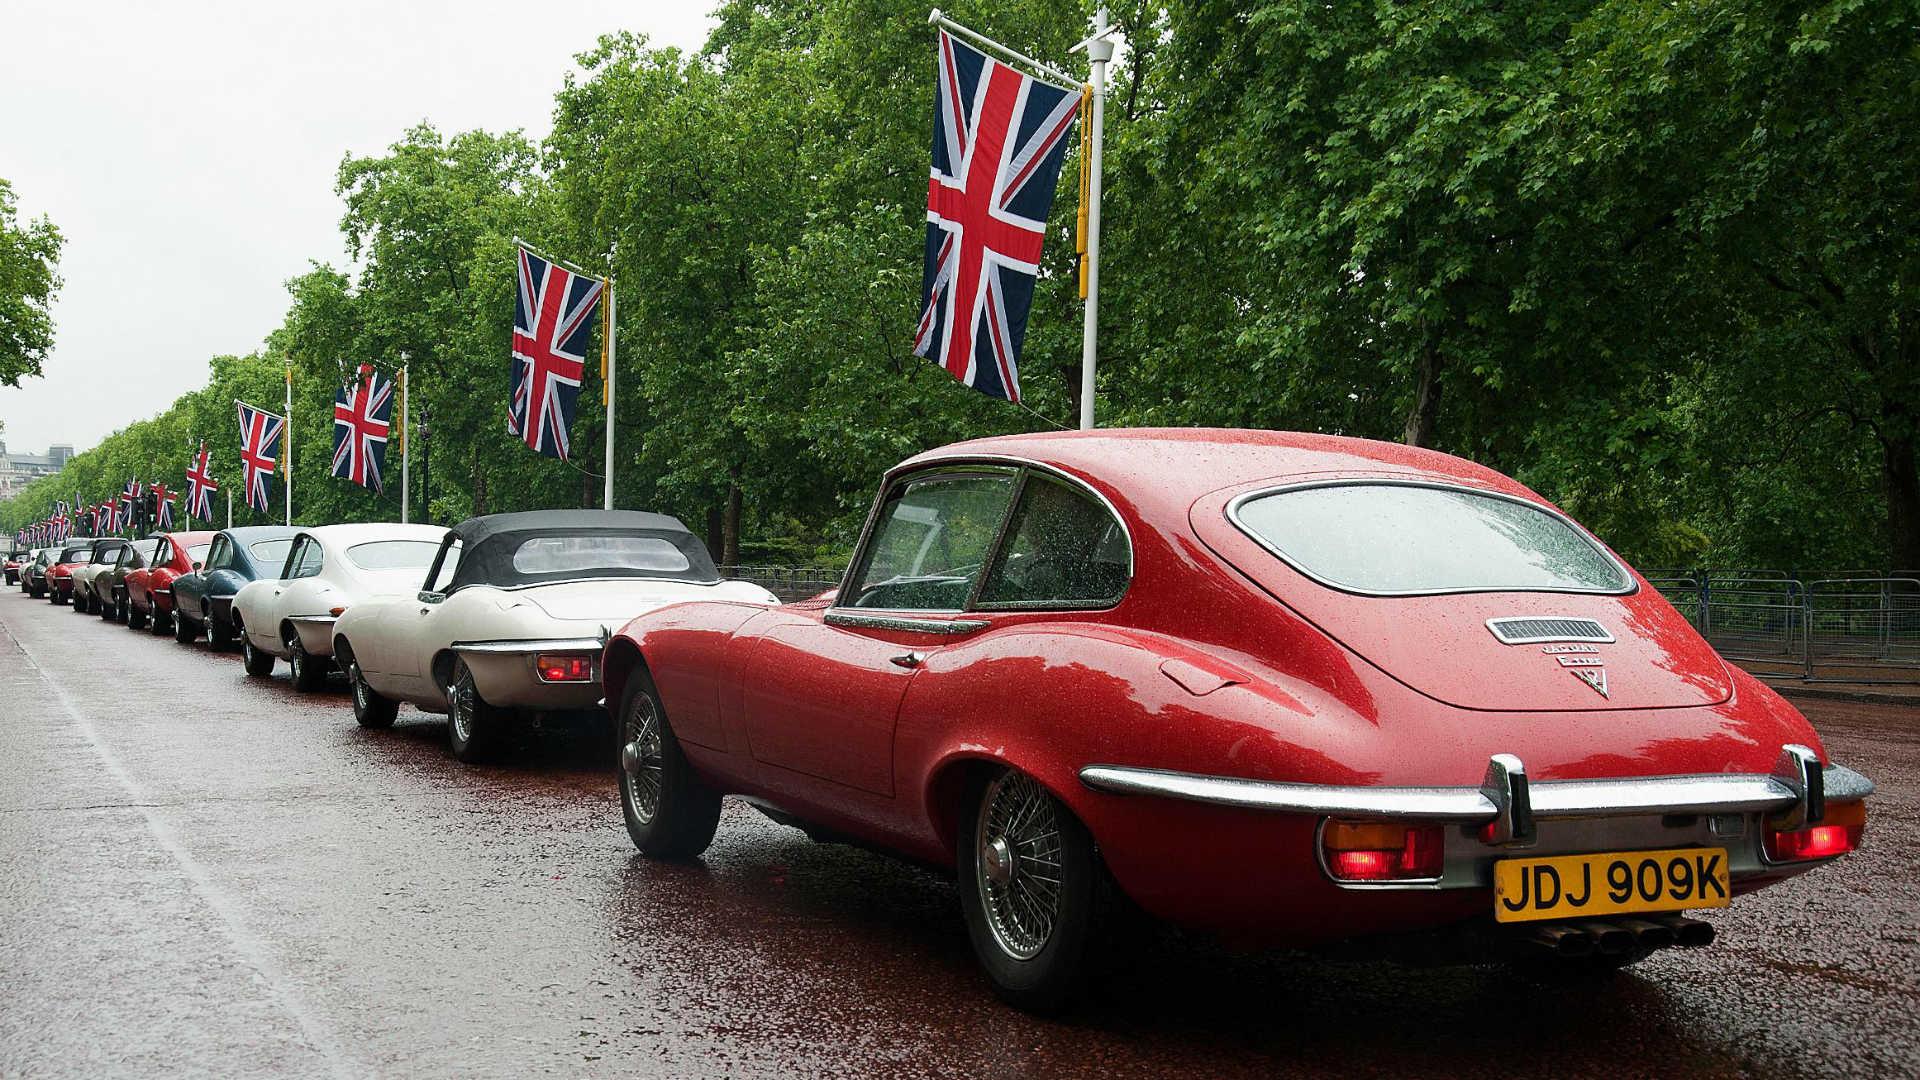 UK classics leaving for EU